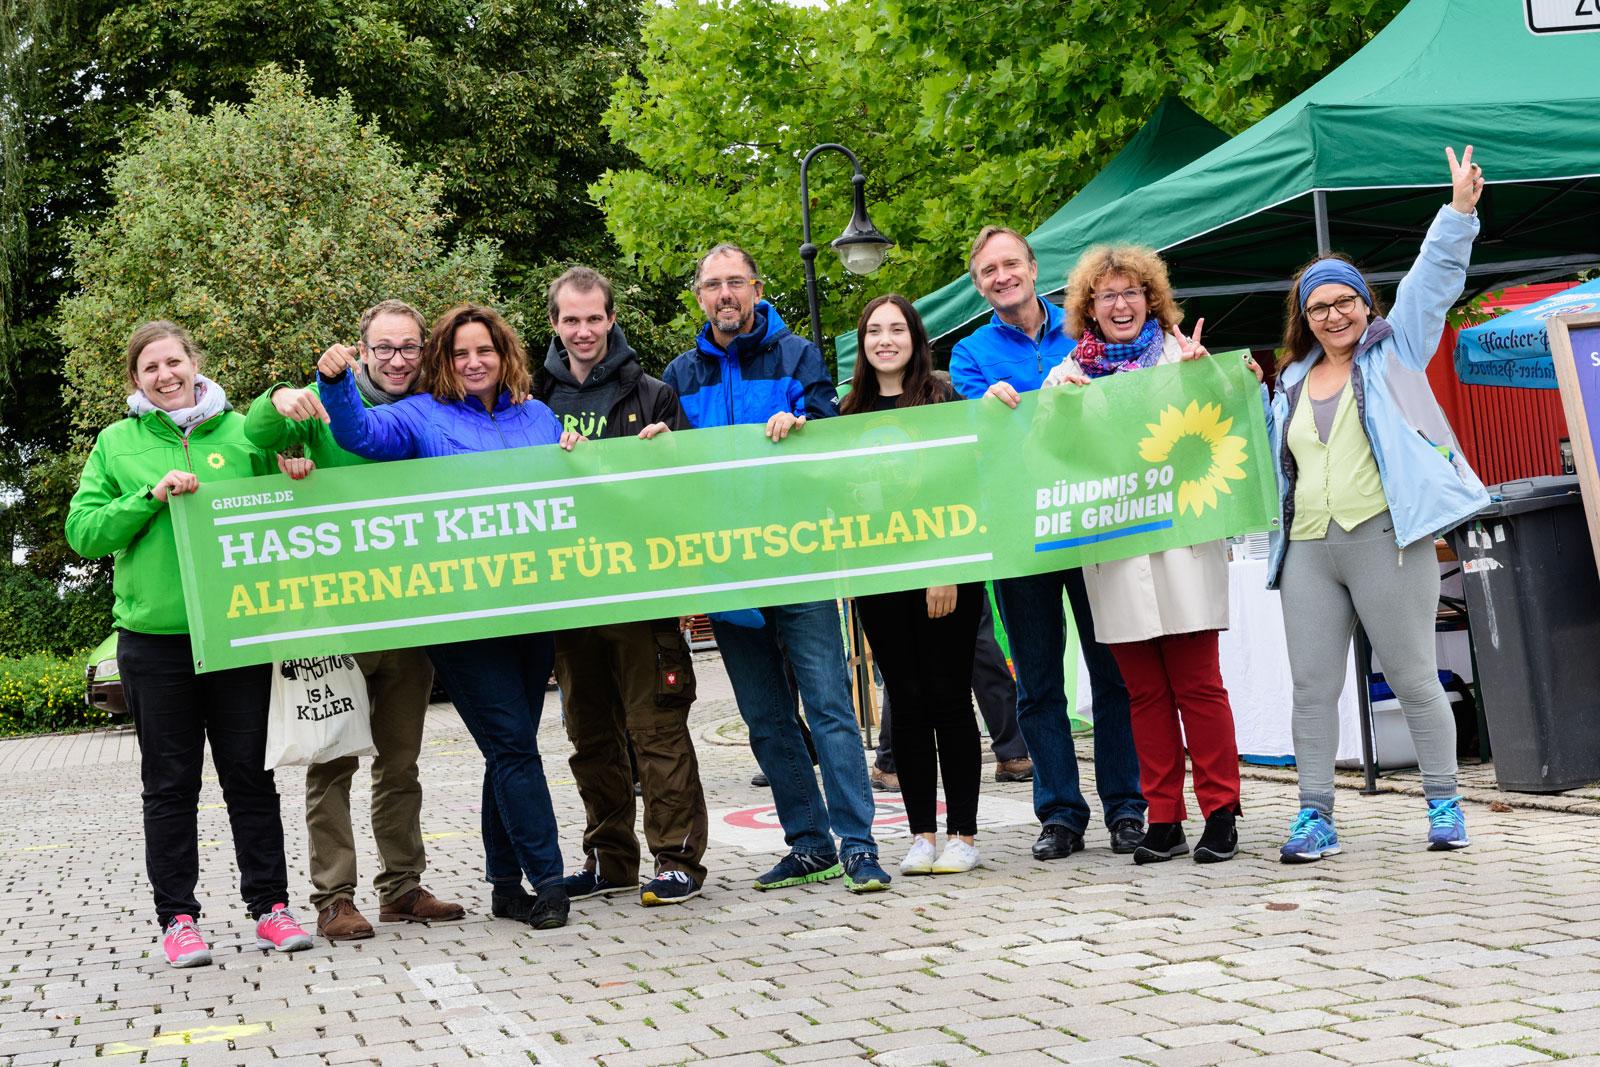 """Foto: Grüne halten Banner mit der Aufschrift """"Hass ist keine Alternative für Deutschland"""""""